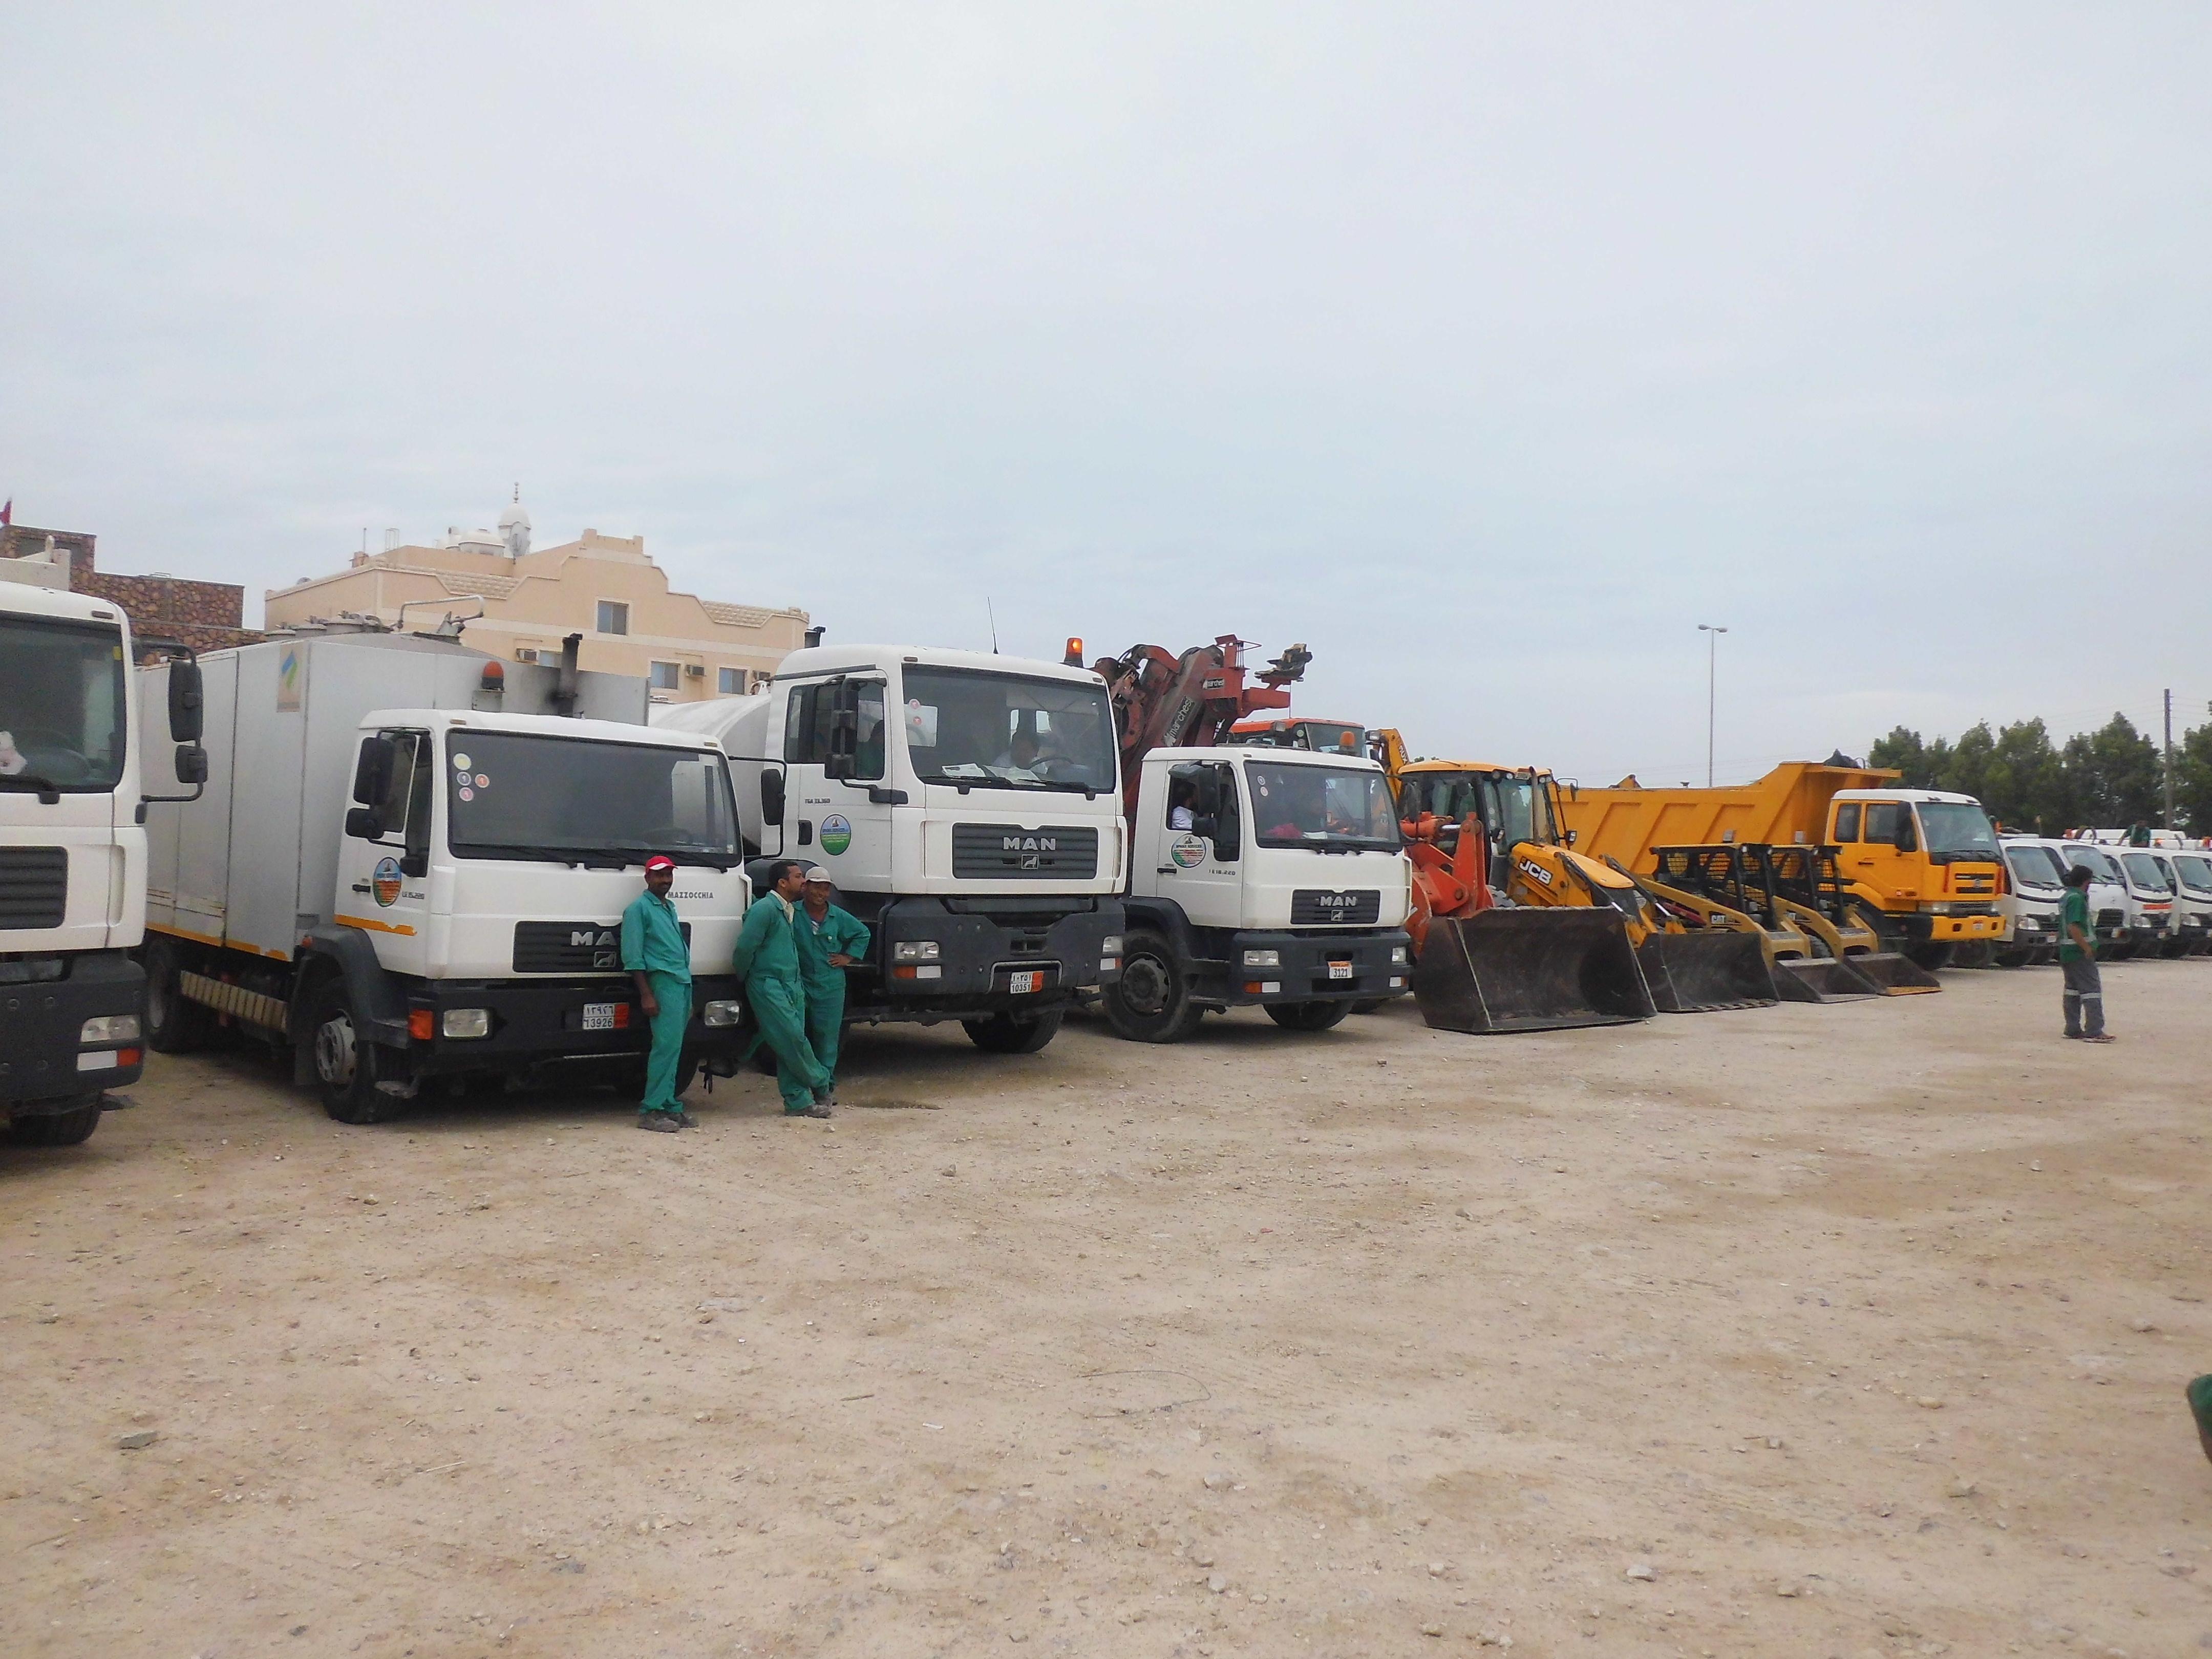 Sphinx Service Vehicles